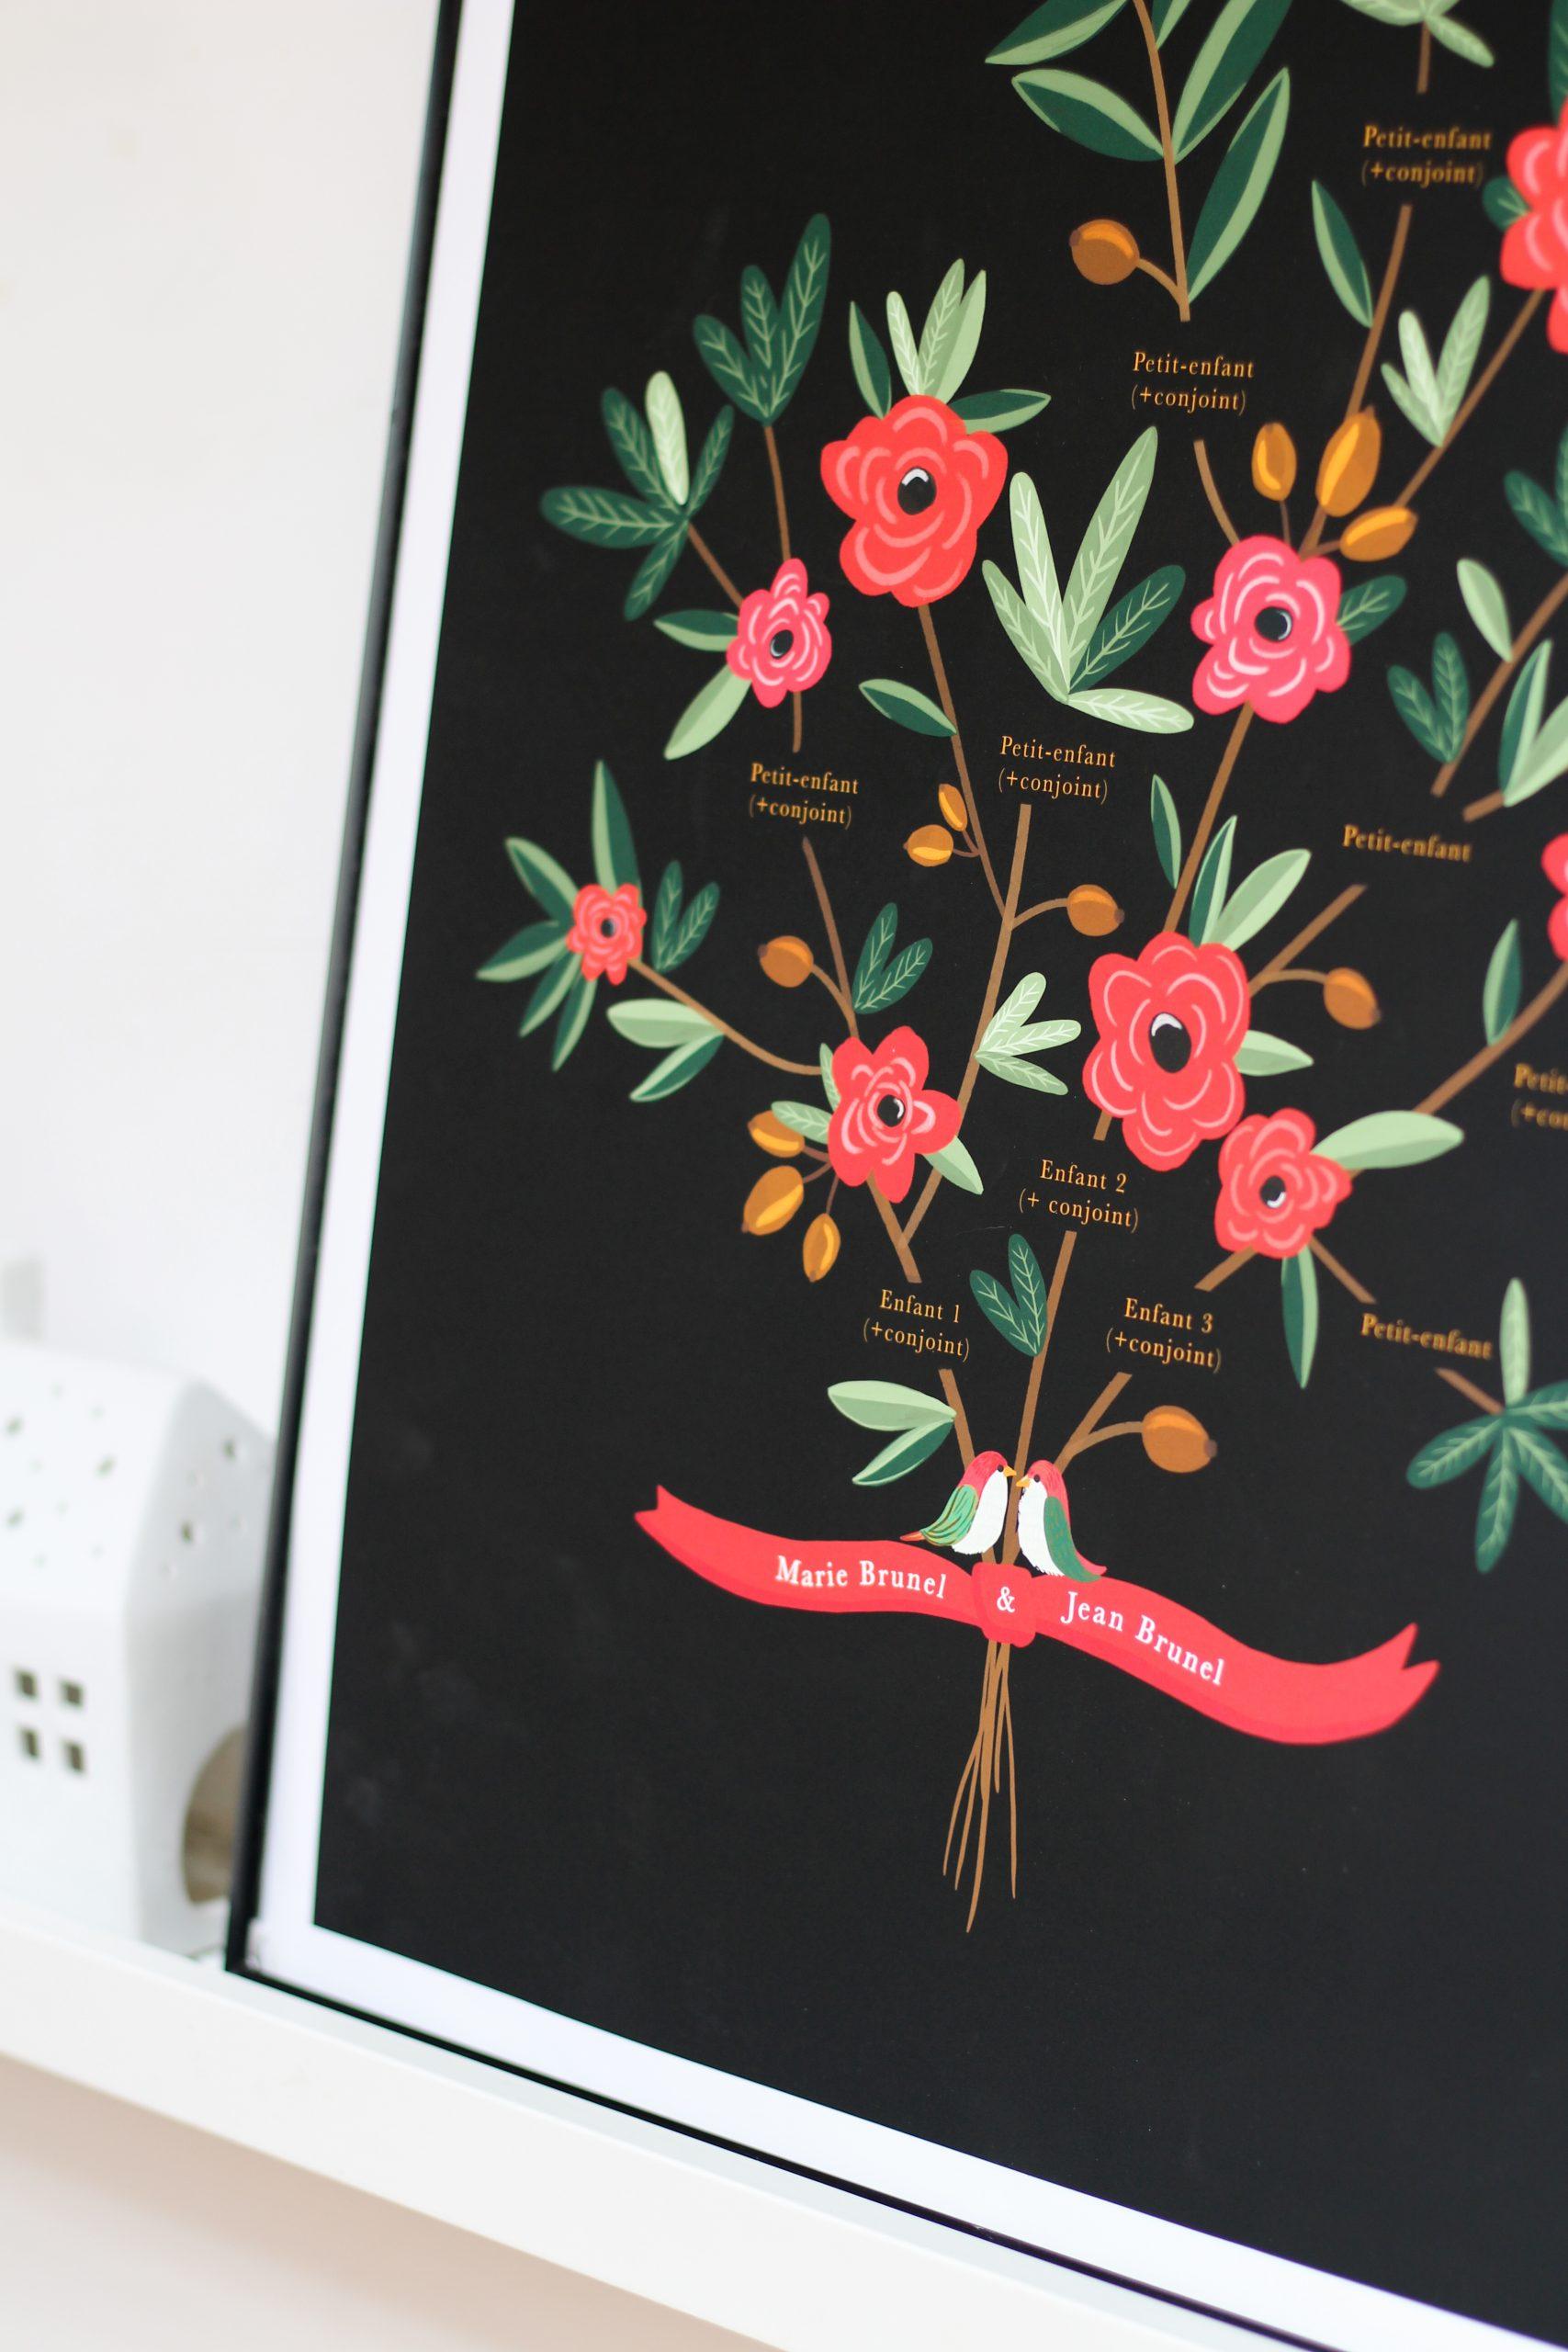 Arbre généalogique sur fond noir bouquet de fleurs. Arbre de famille imprimé.